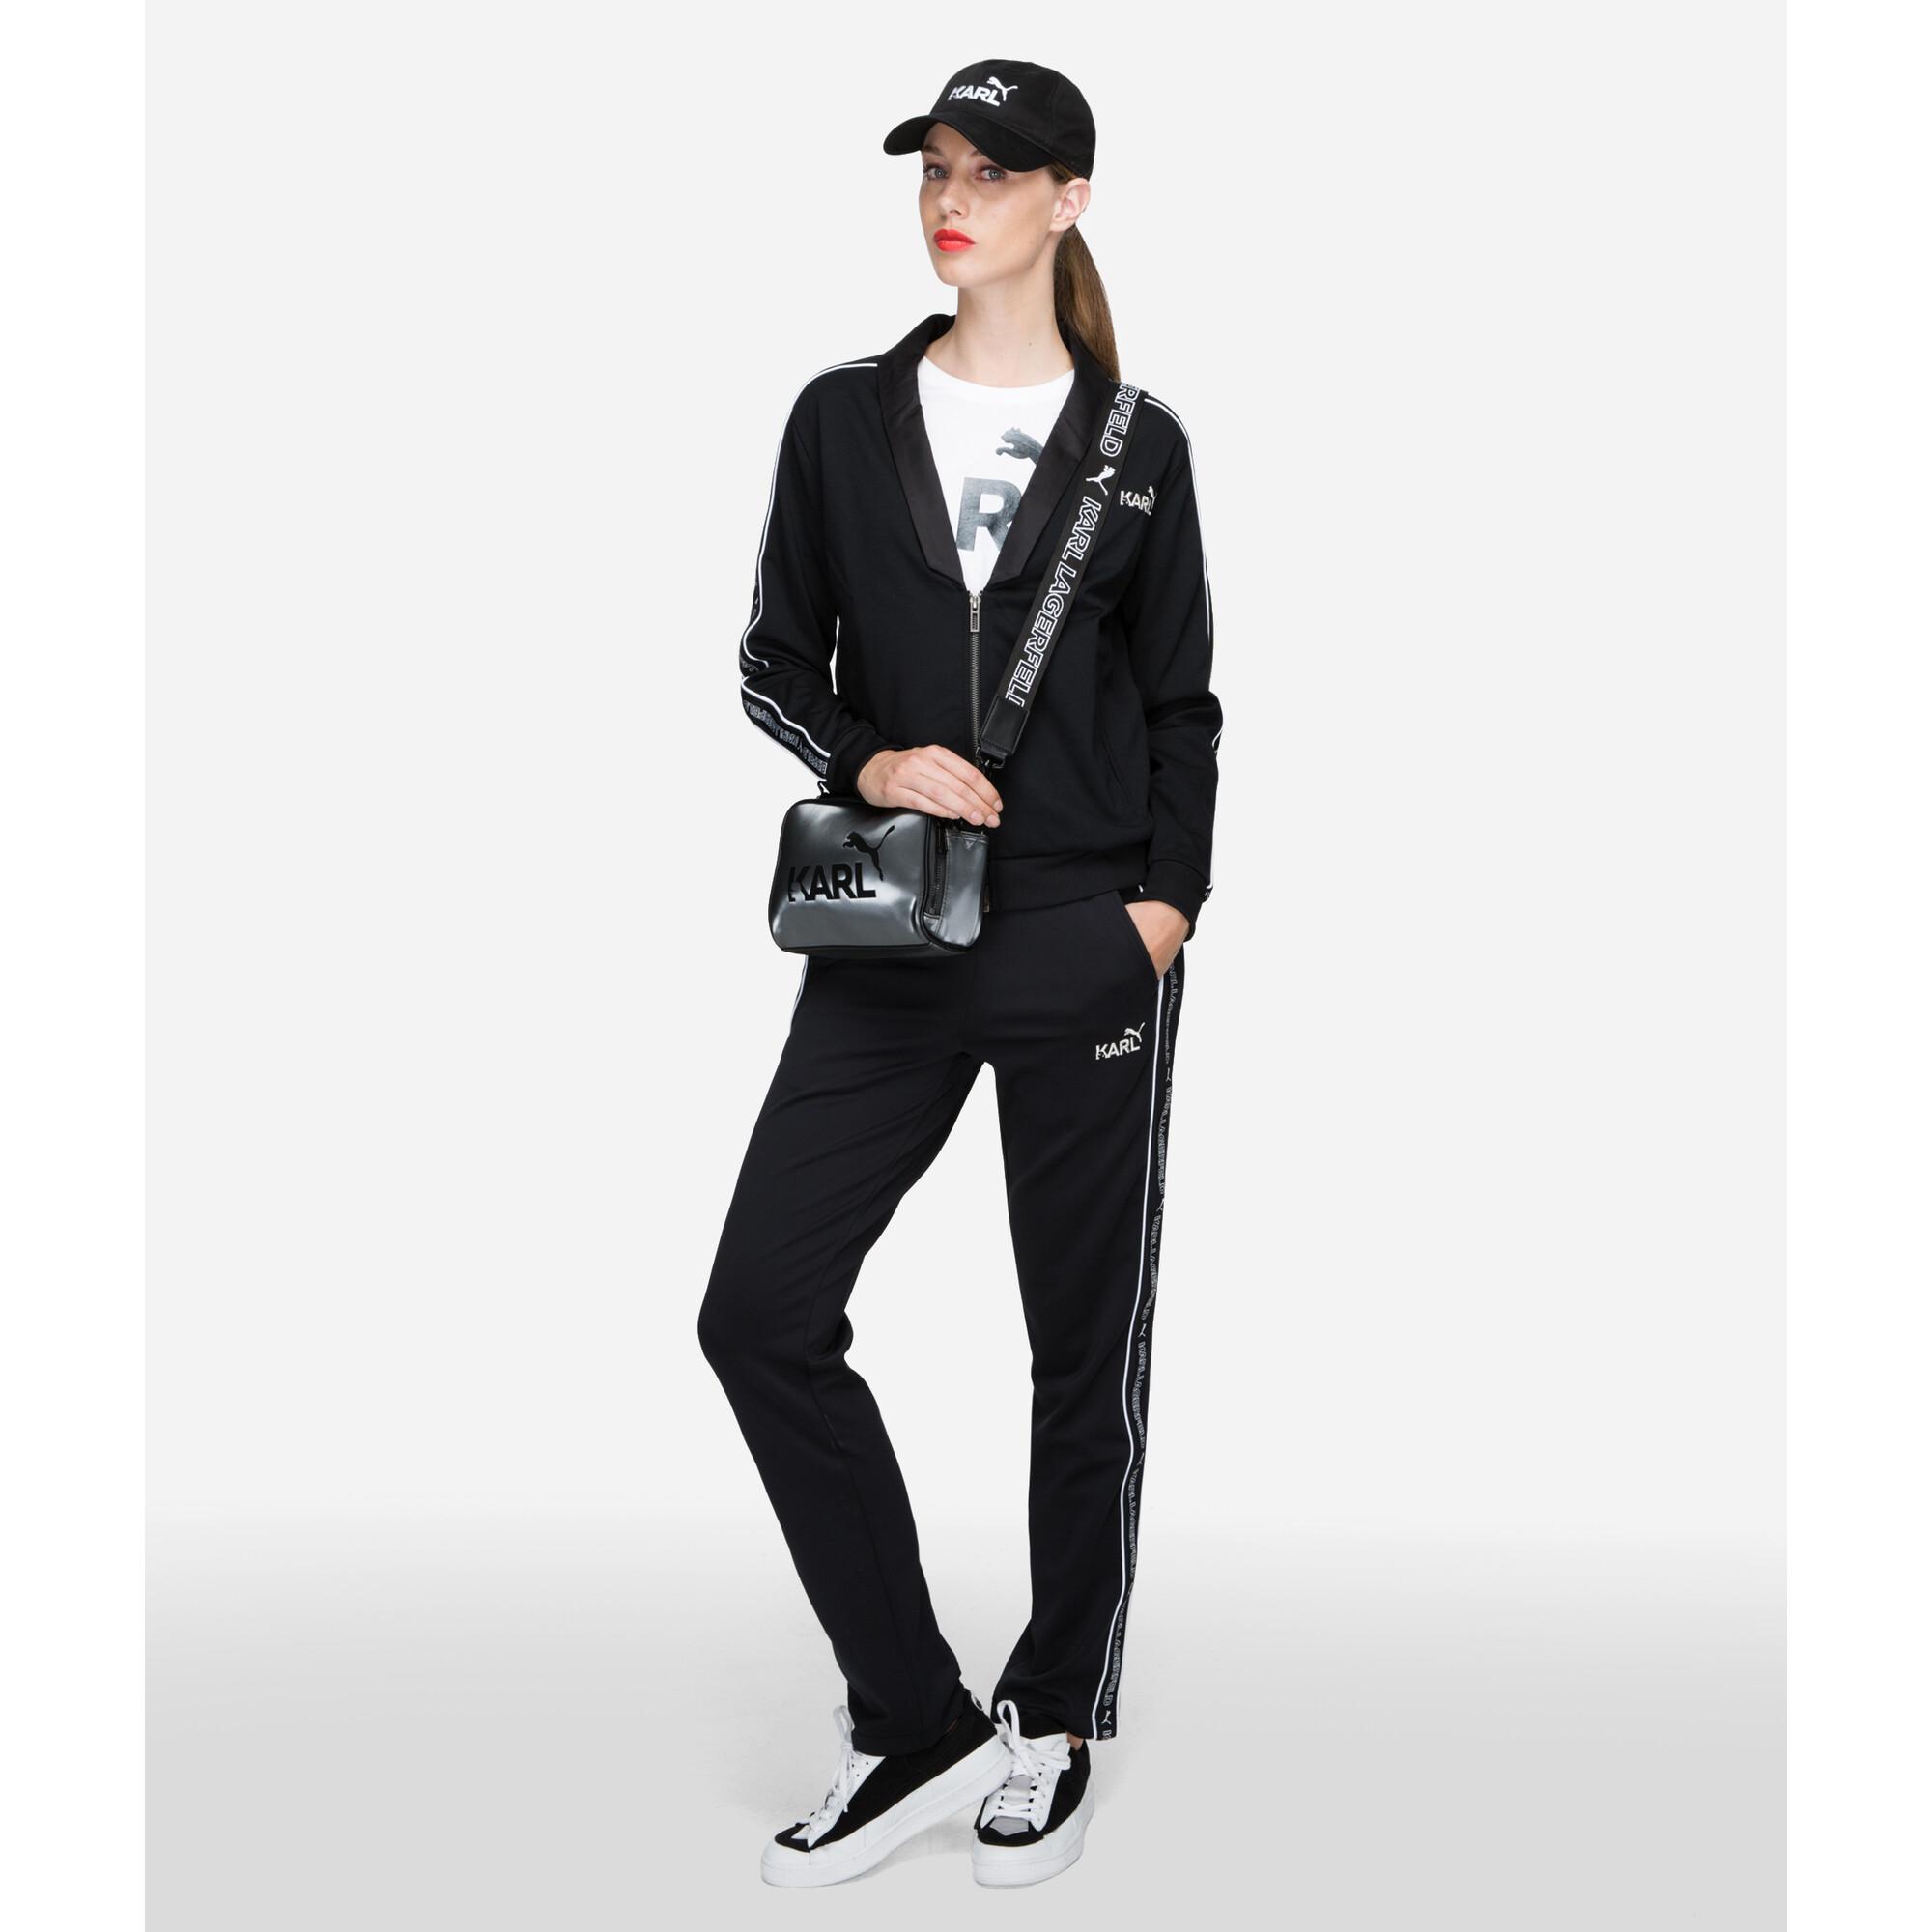 Image Puma PUMA x KARL LAGERFELD T7 Women's Track Jacket #3